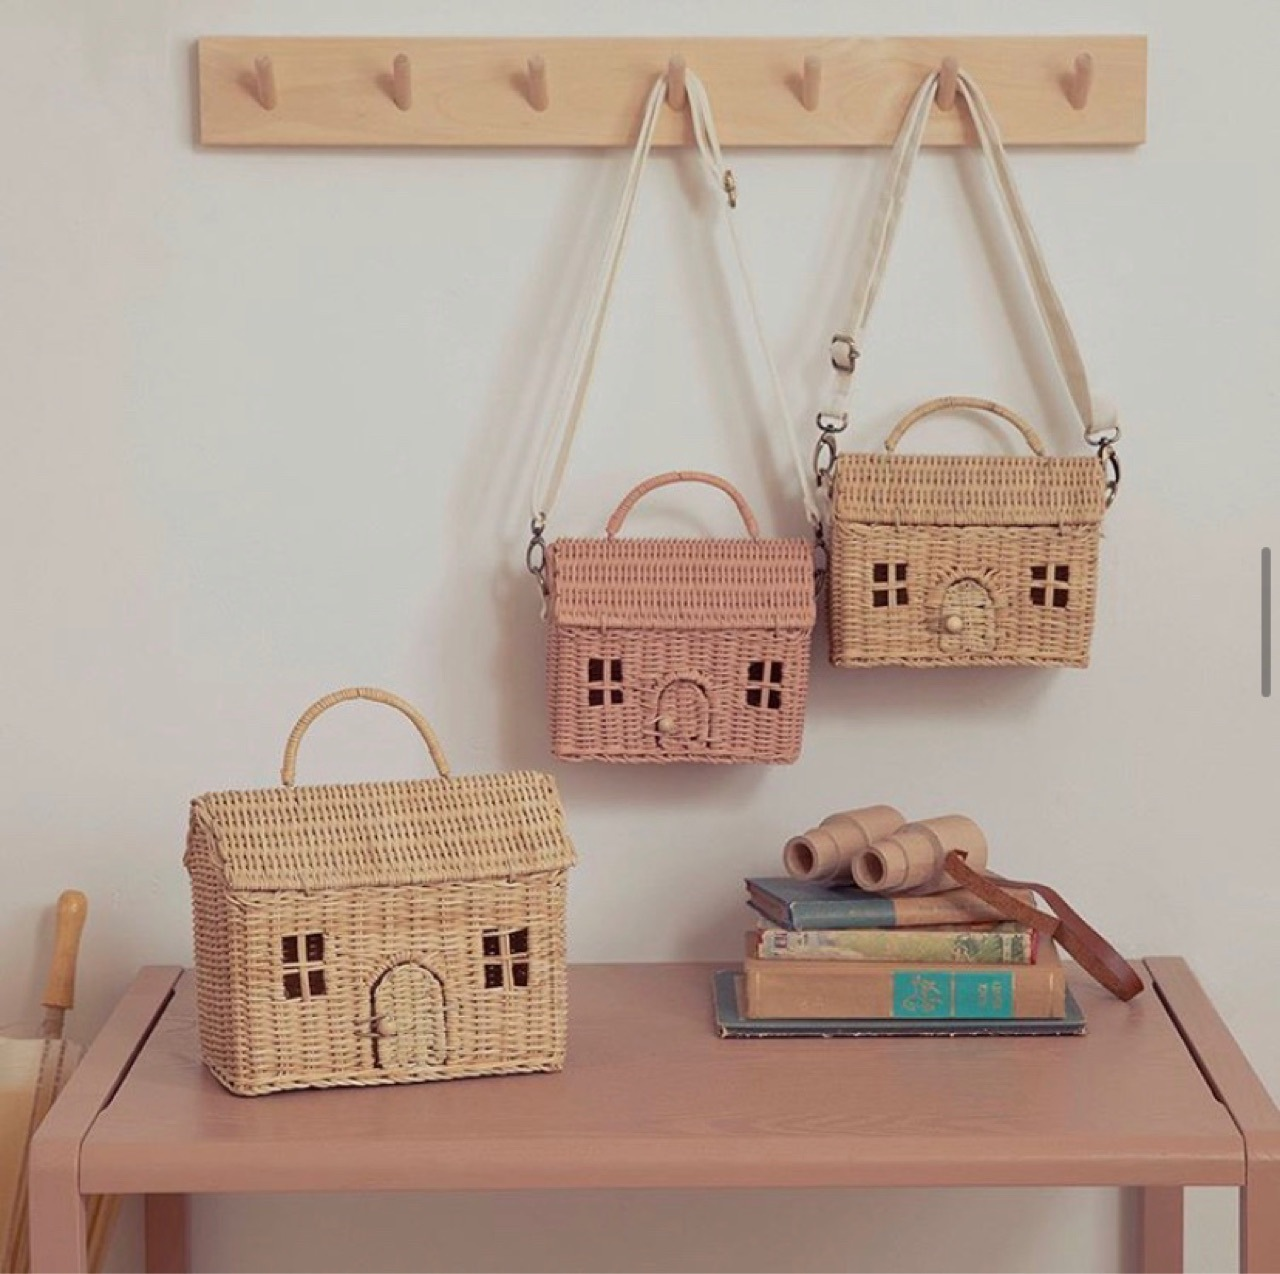 Nordic Style INS Fashion Handmade Rattan Vintage Storage Basket Kids Shoulder Bag House Shape Best Gift For Girls Children Decor